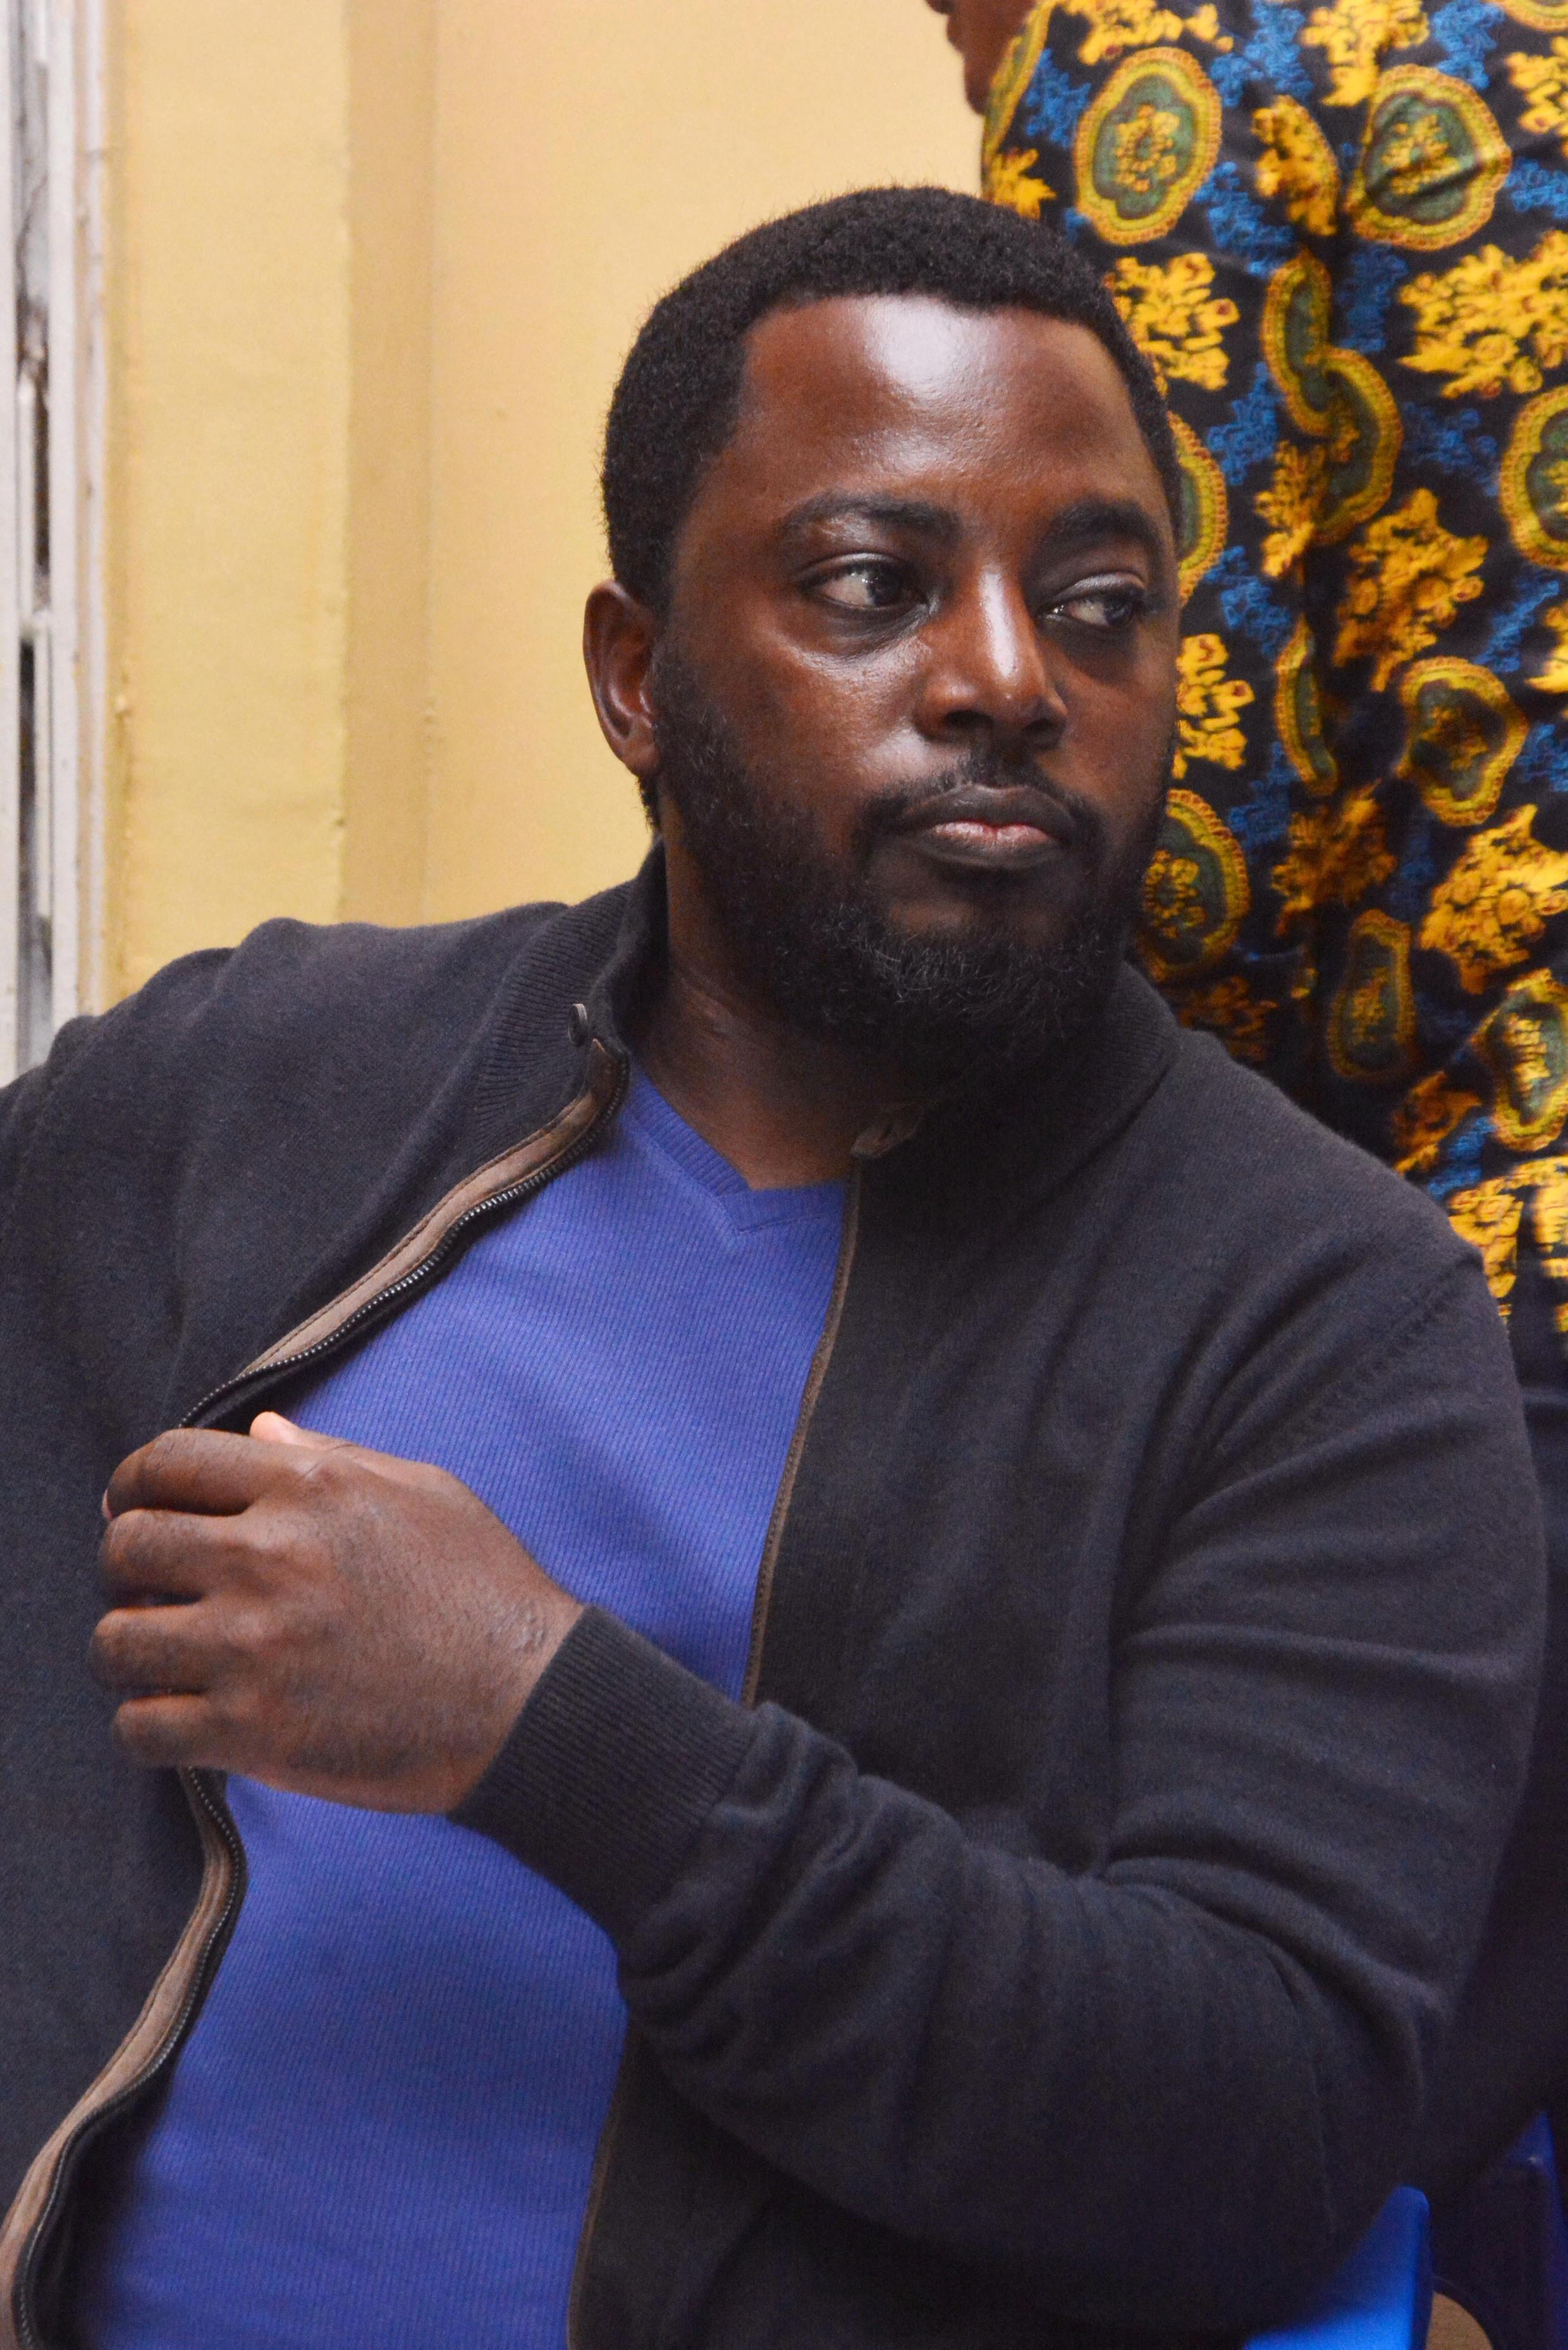 Zoé Kabila, le frère de l'ancien président de la République démocratique du Congo en 2014 (Image d'illustration).